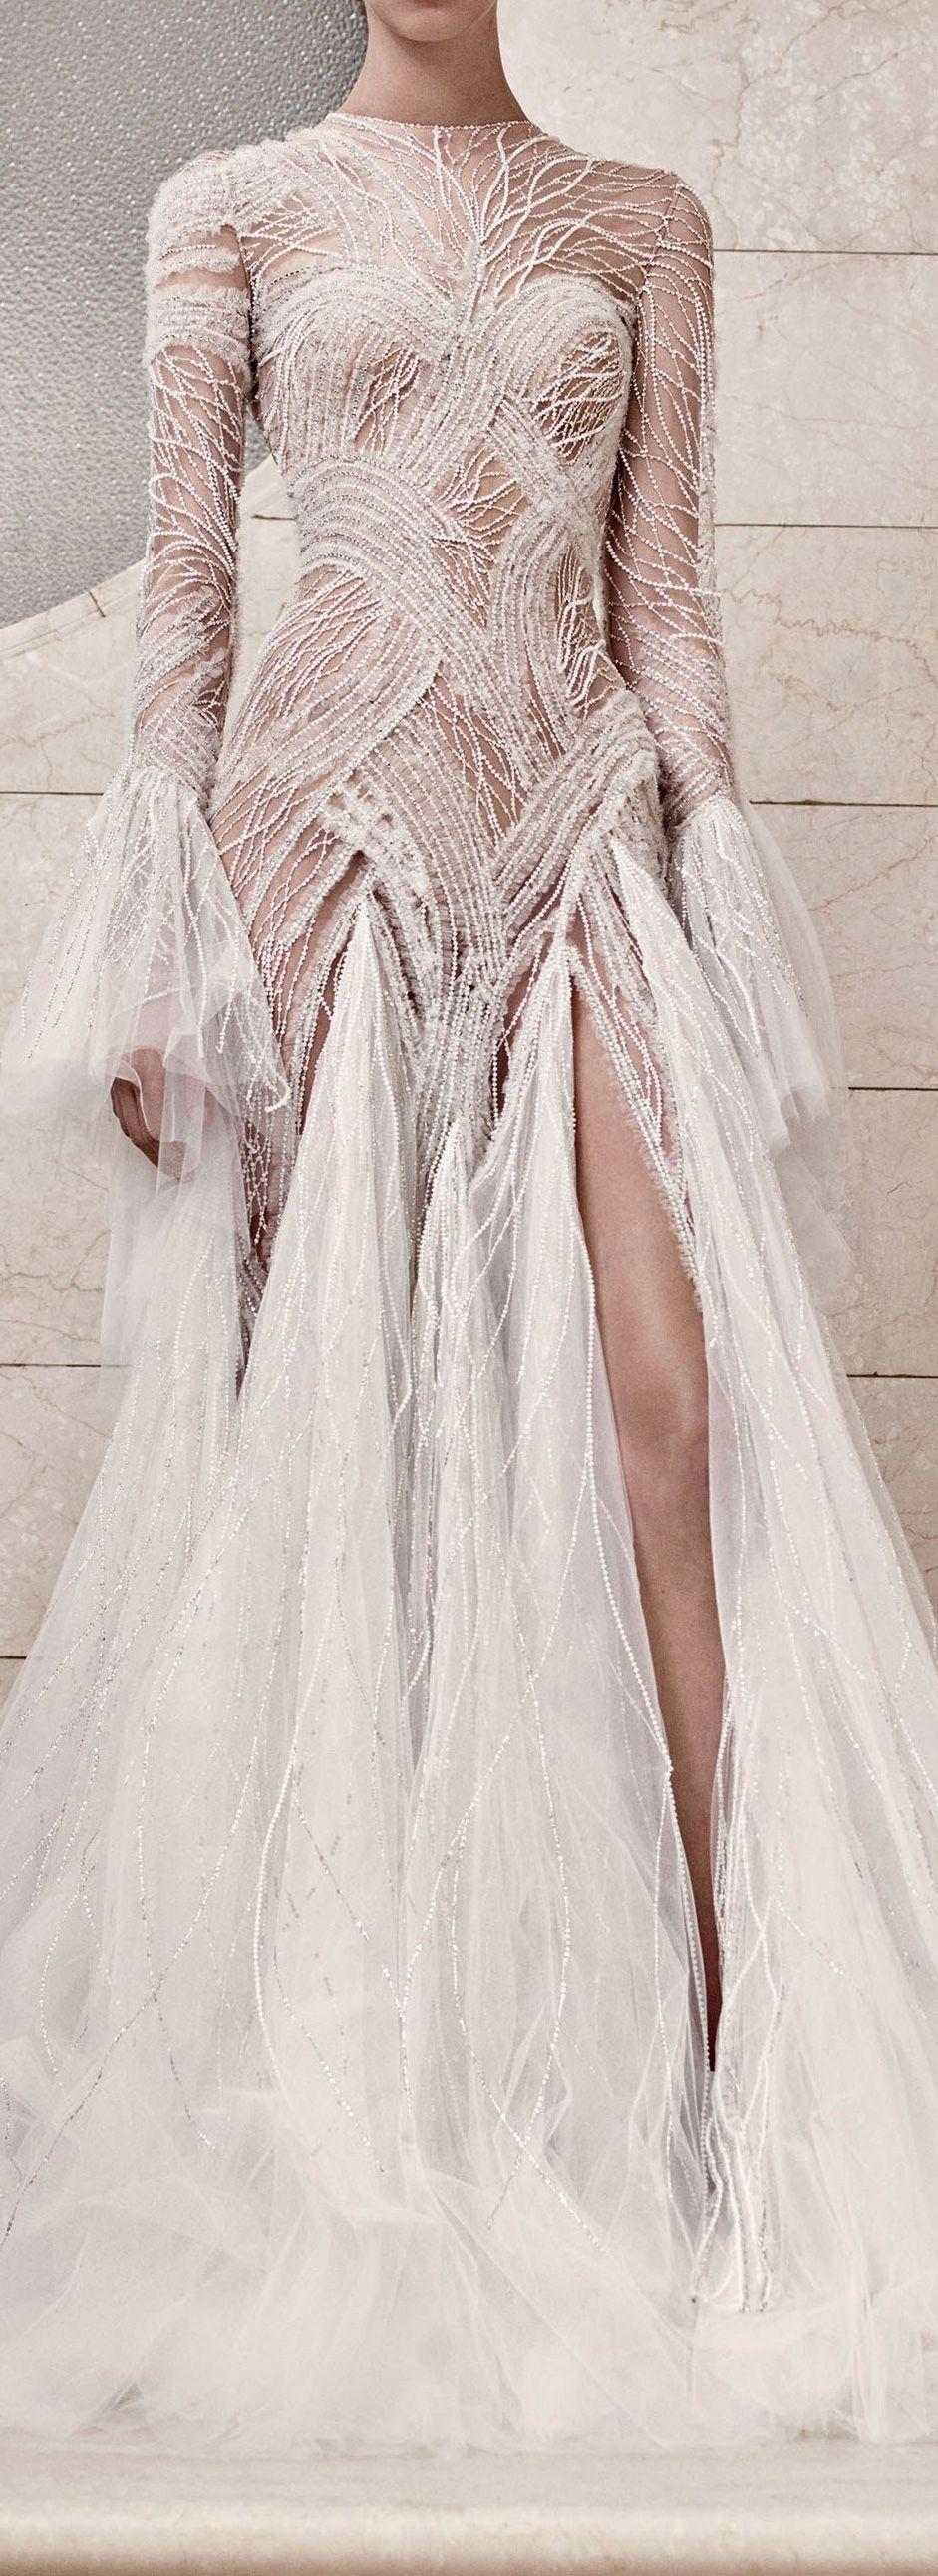 Altier Versace  Schöne kleider, Spitzenkleider, Abendkleid